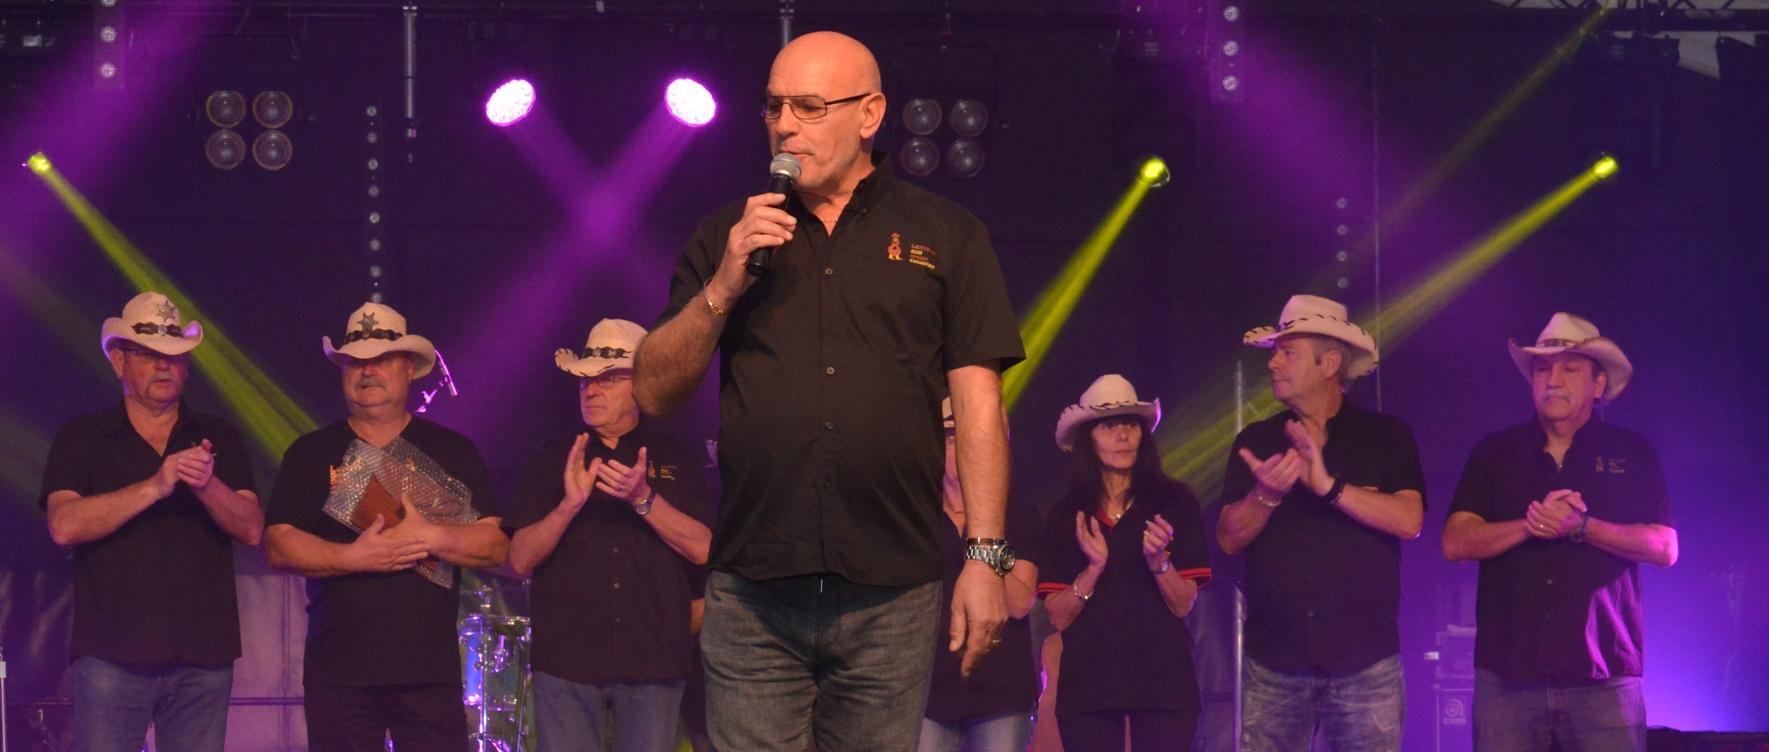 Festival de Santa-Susanna - Bernard et son équipe